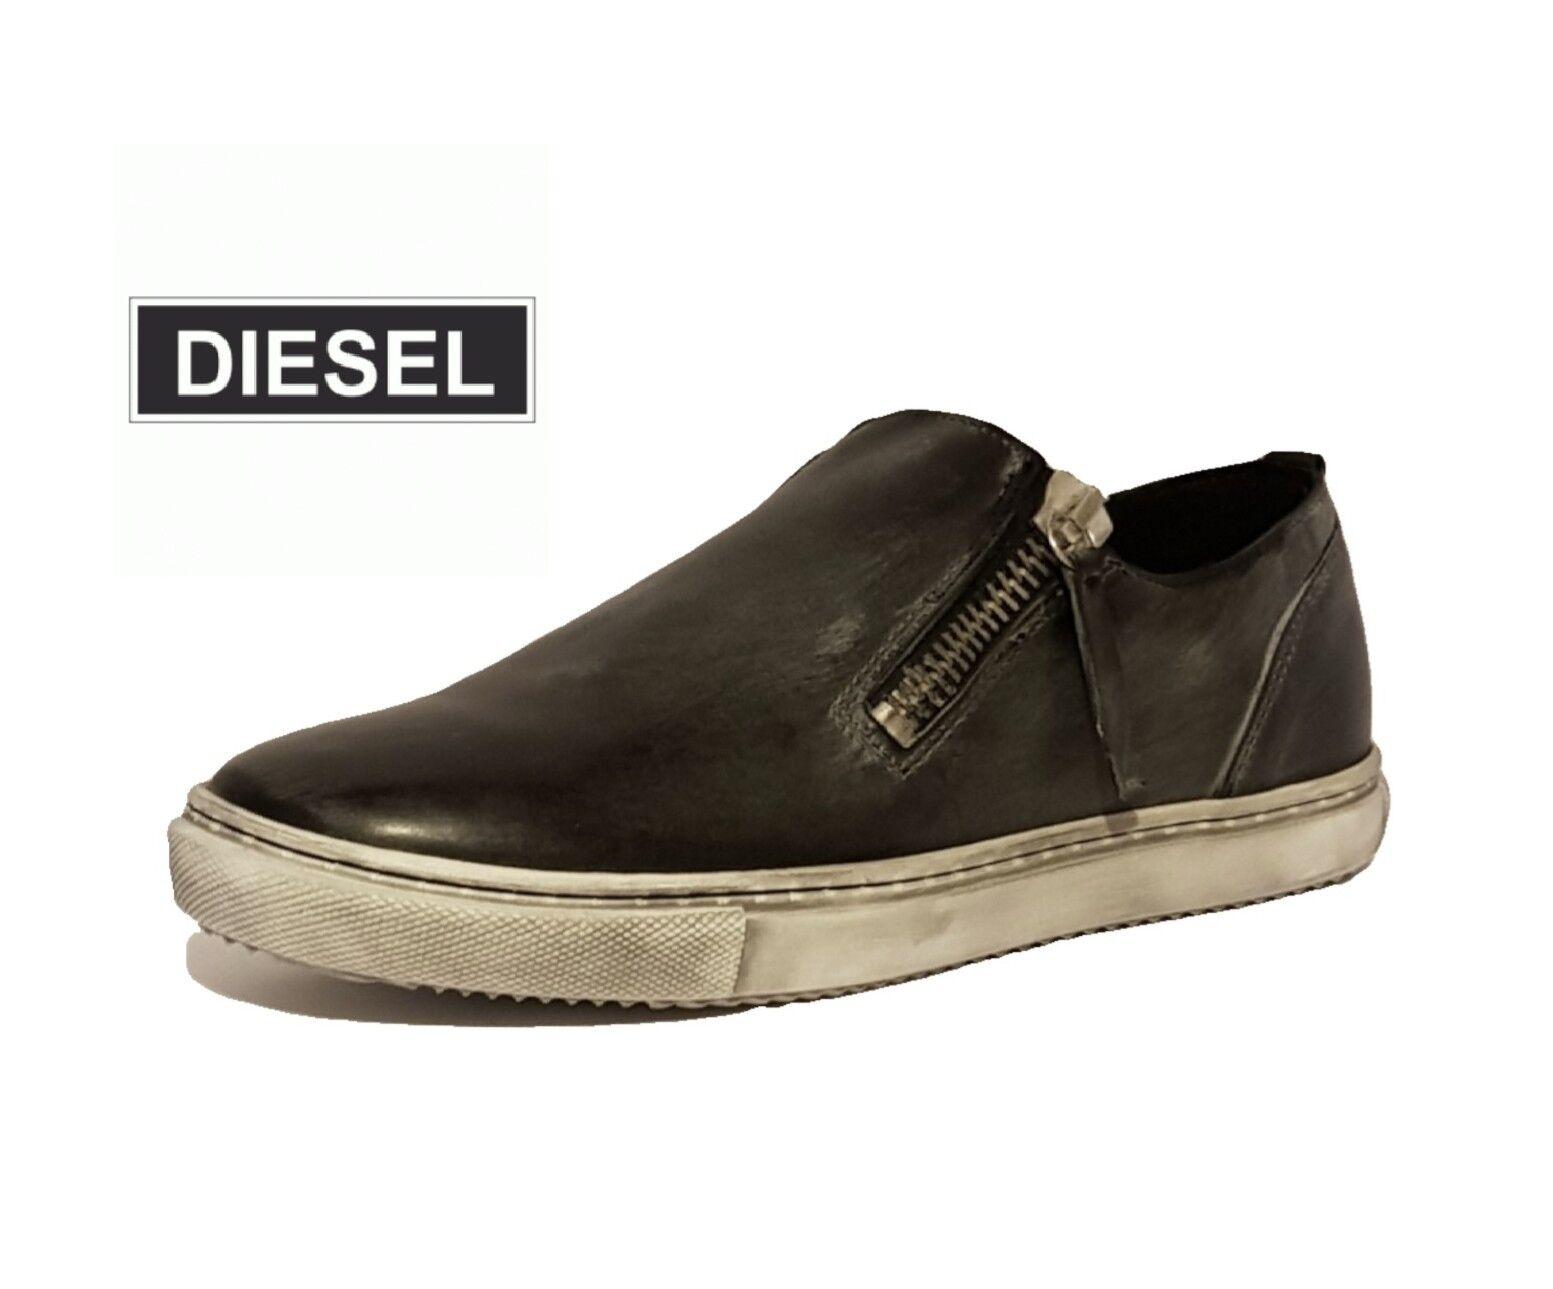 Zapatos de Cuero Diesel fuera de de fuera su Rocker Icono De Moda Tenis   Negro ee723b